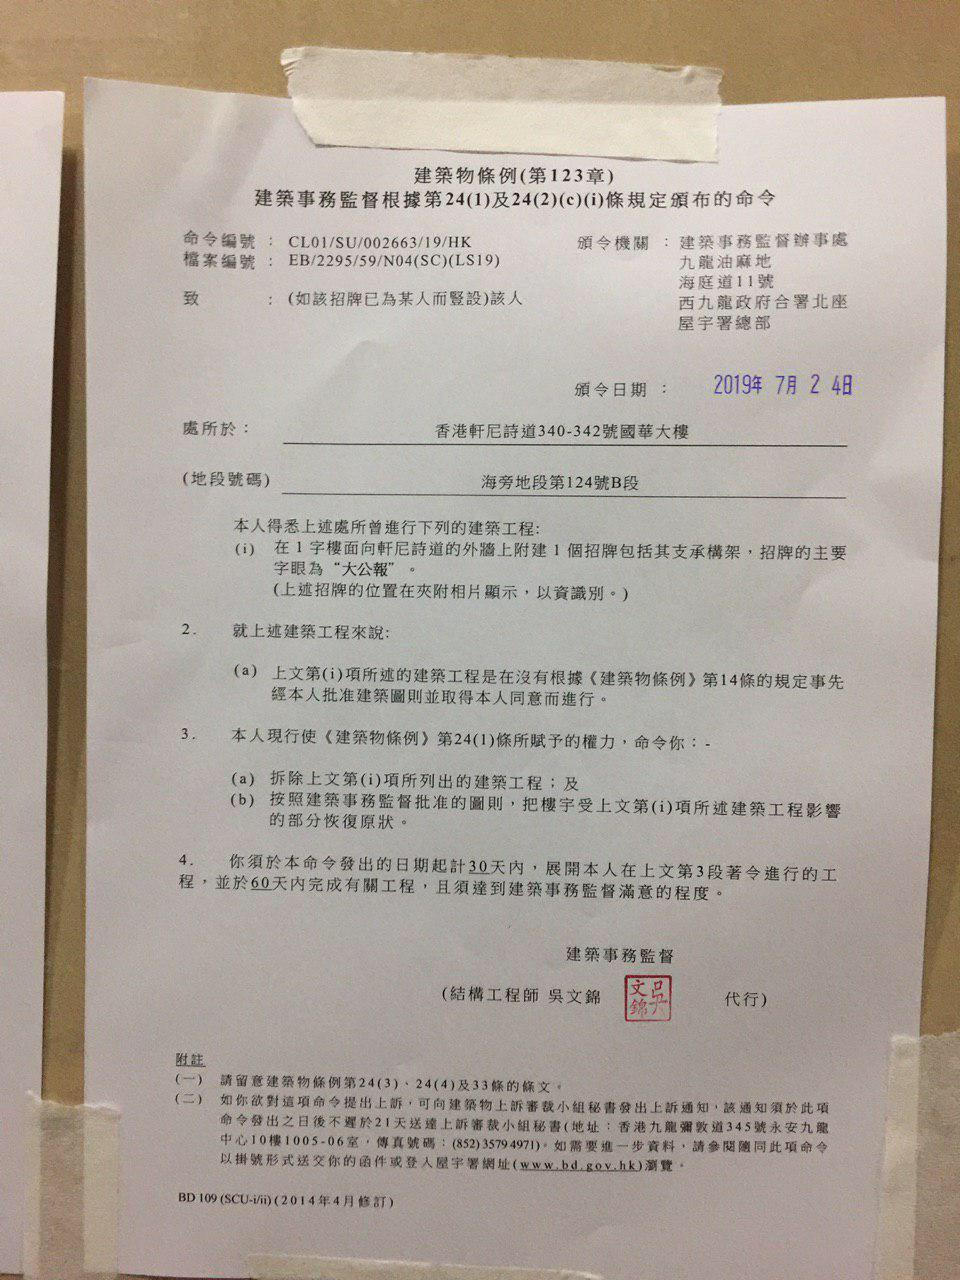 屋宇署證實《大公報》位於國華大樓外牆上的招牌屬違例建築,要求業主於30天內拆除招牌。(楊雪盈提供)